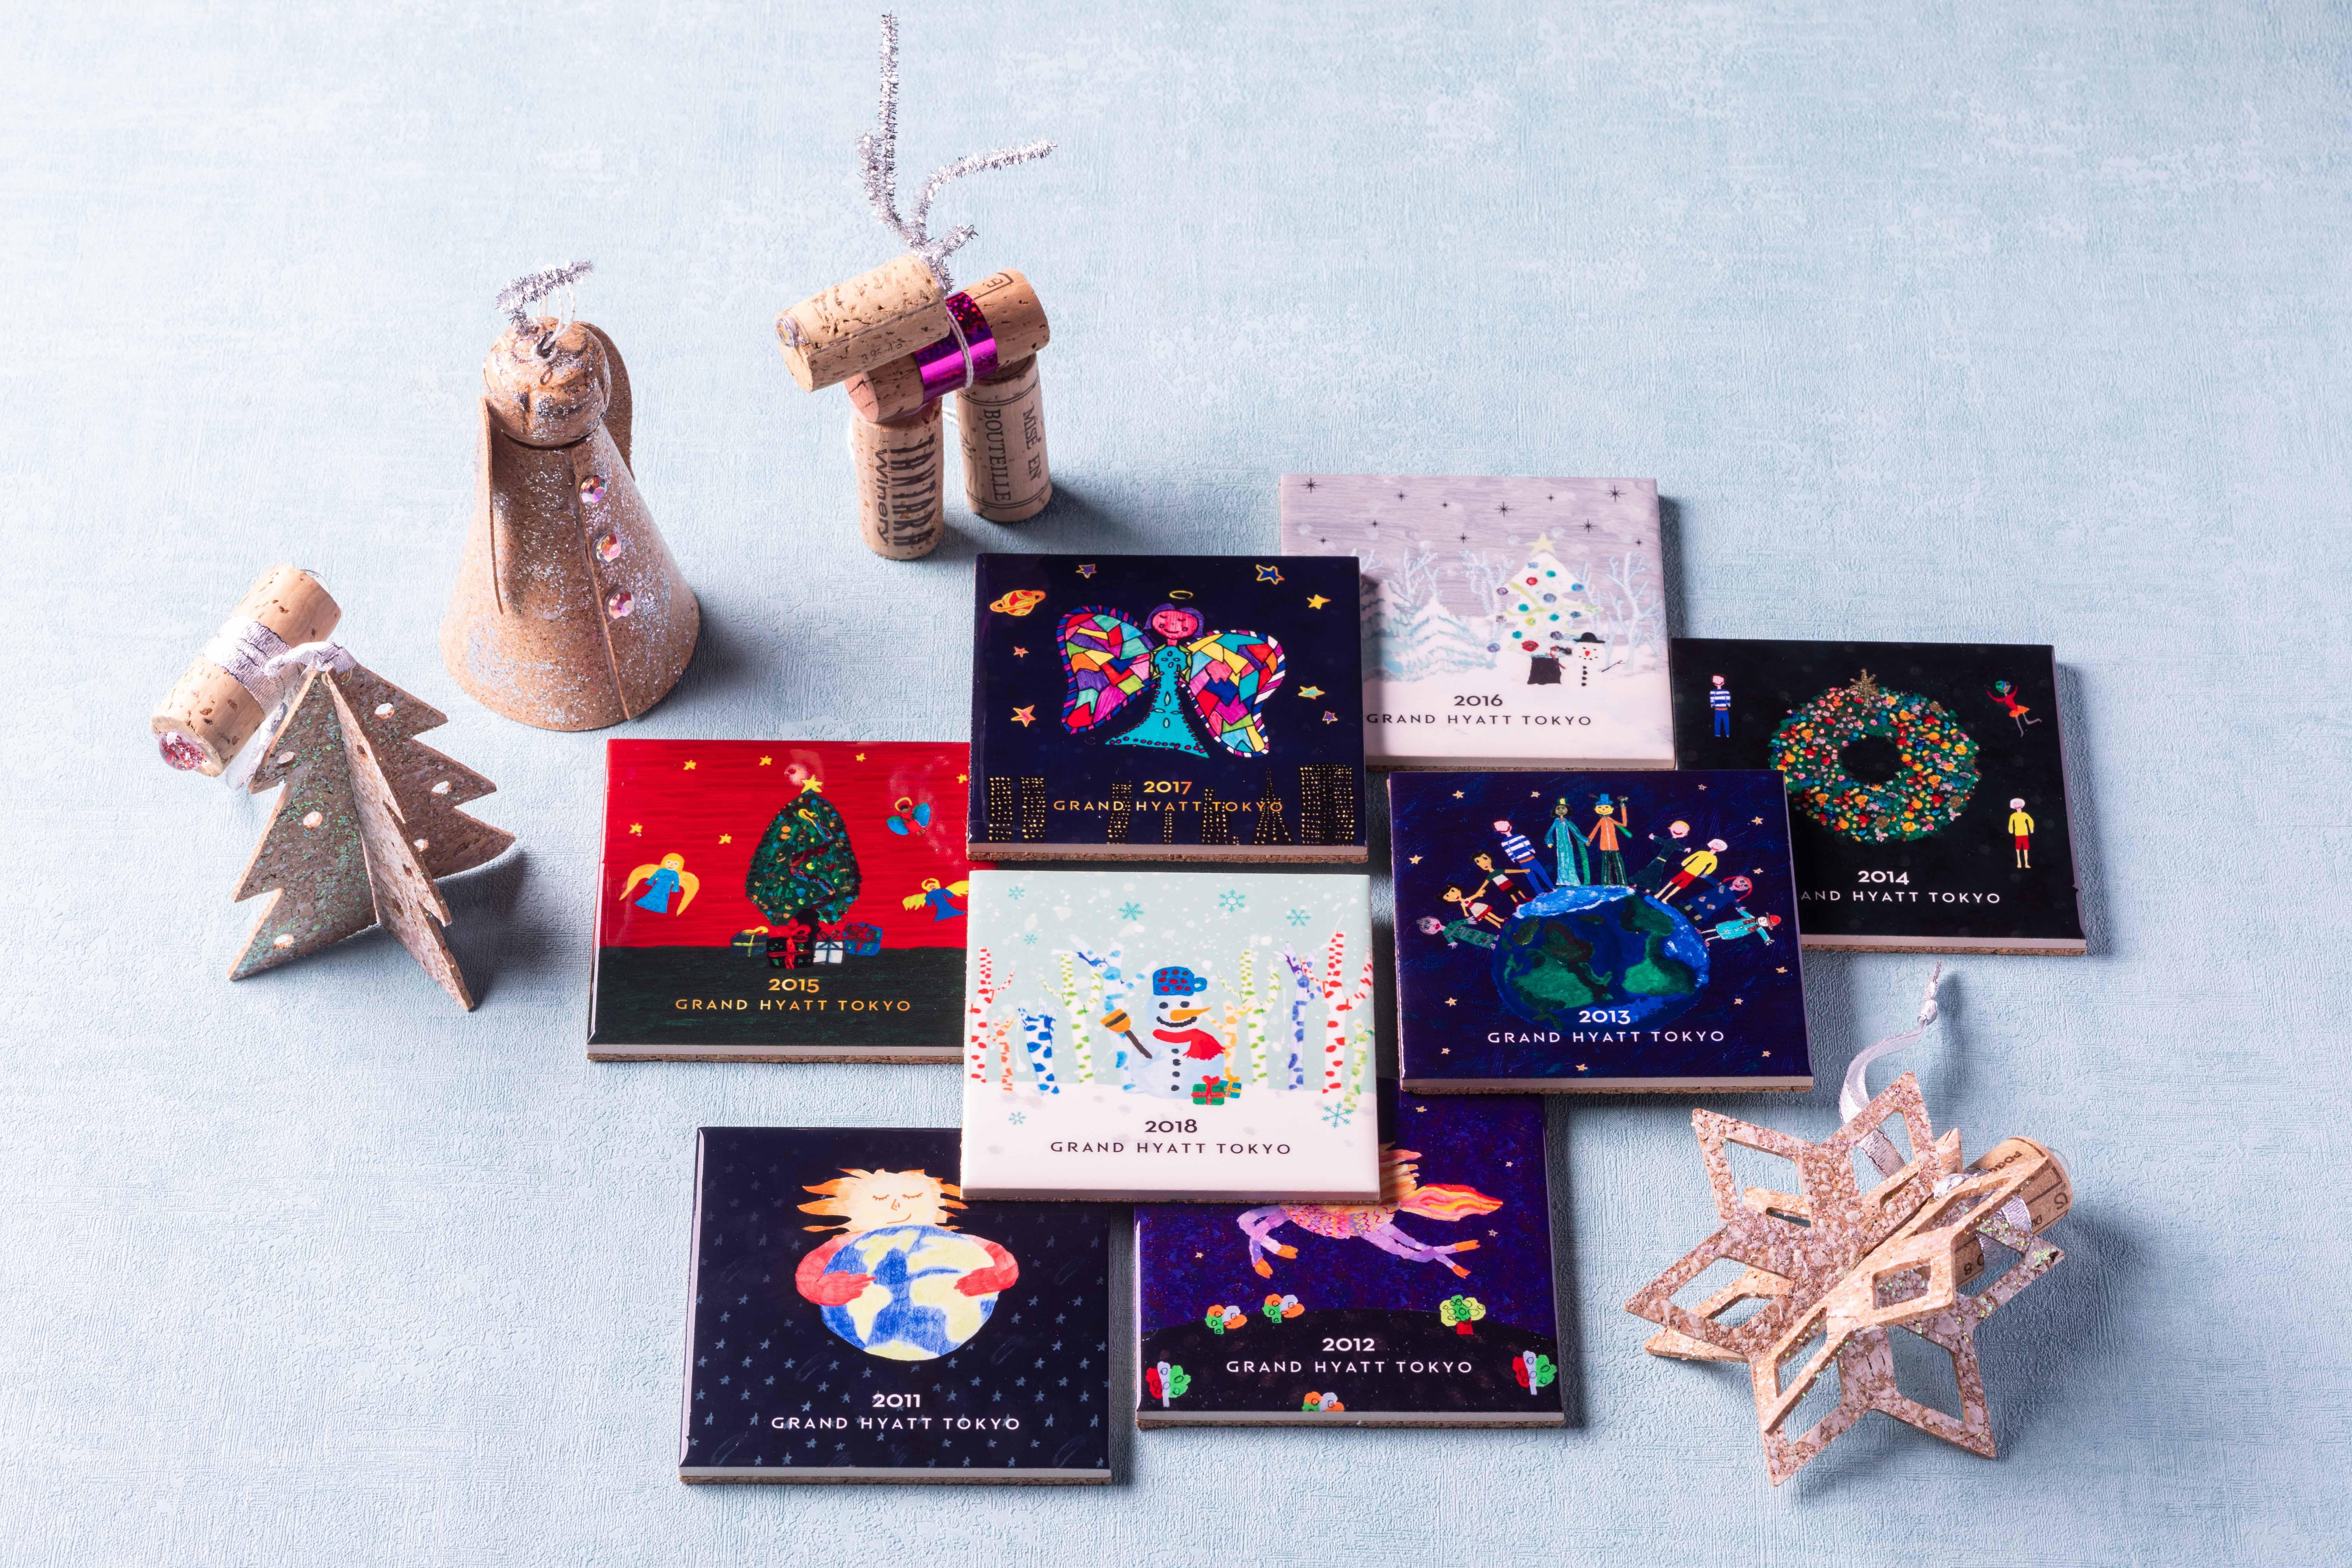 グランドハイアット東京クリスマス